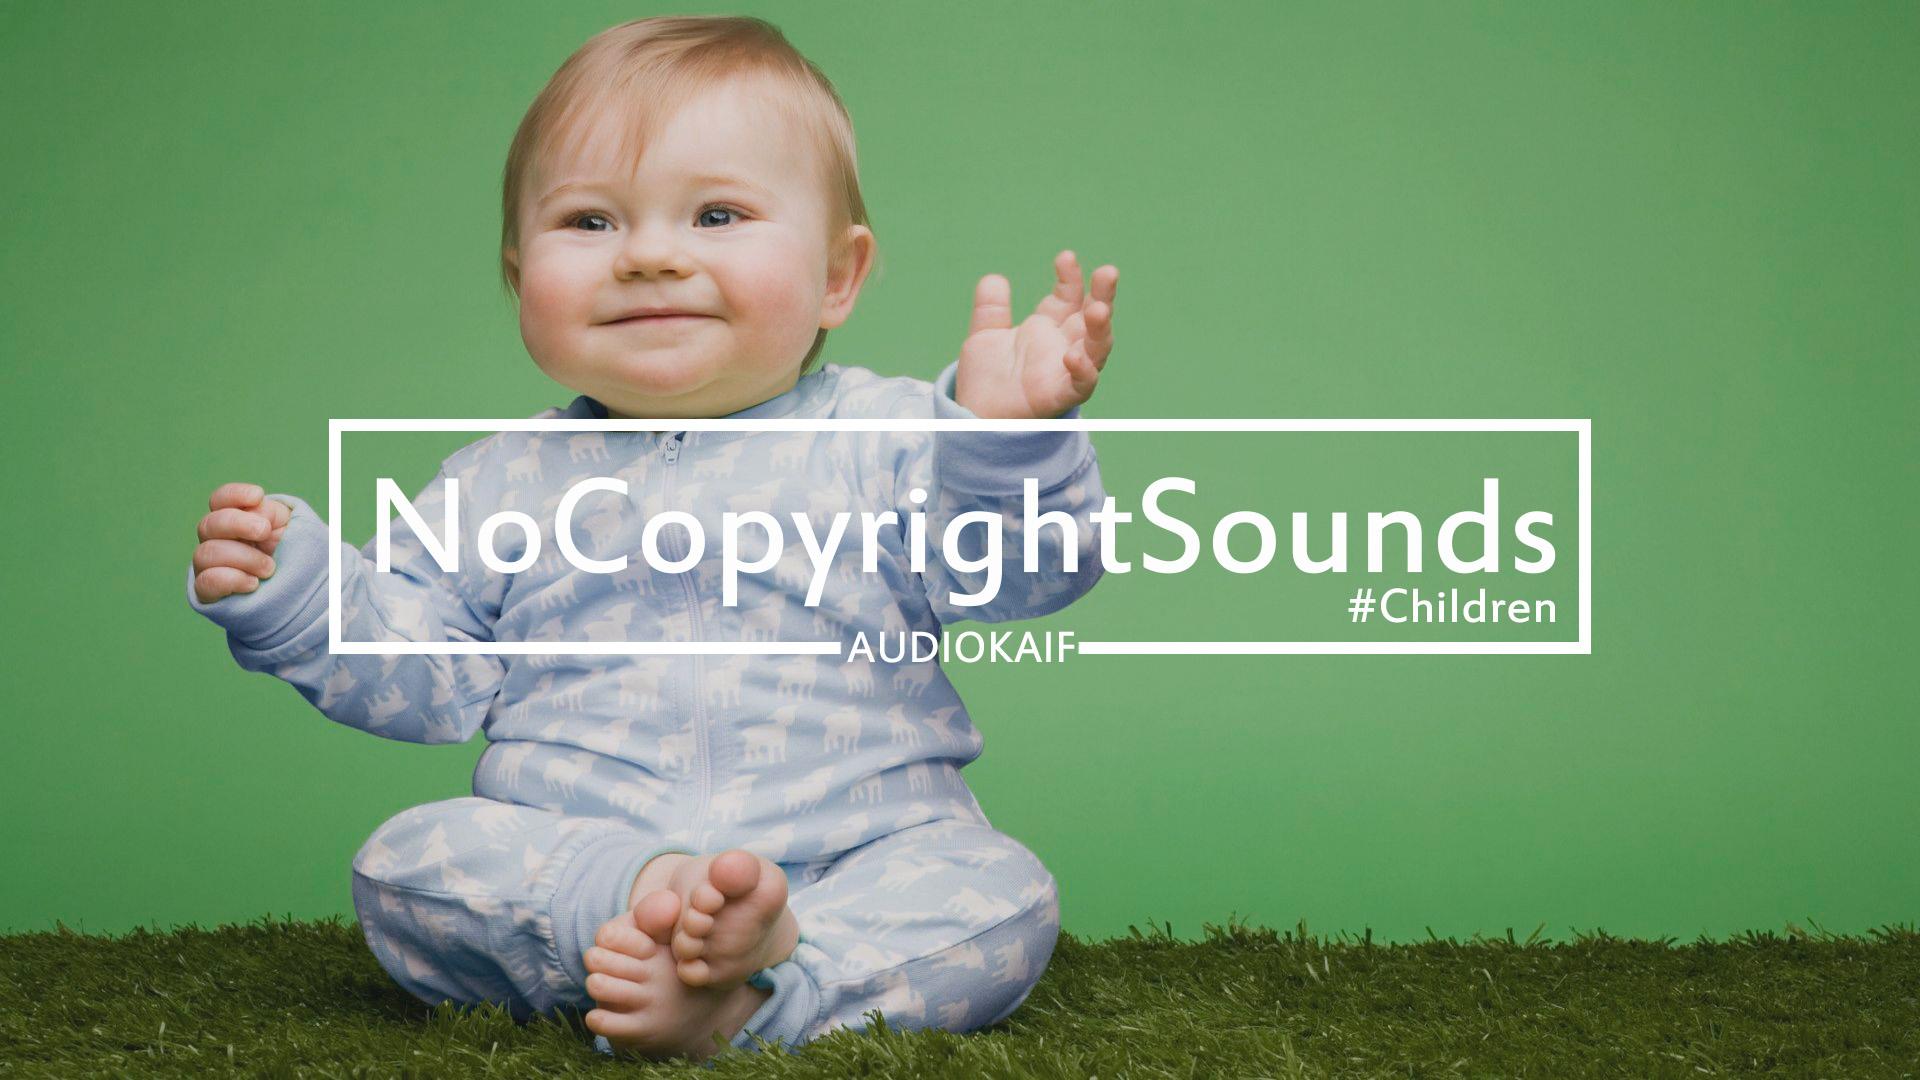 Музыка без авторского права / Postcard 1 / Children / музыка ютуб видео